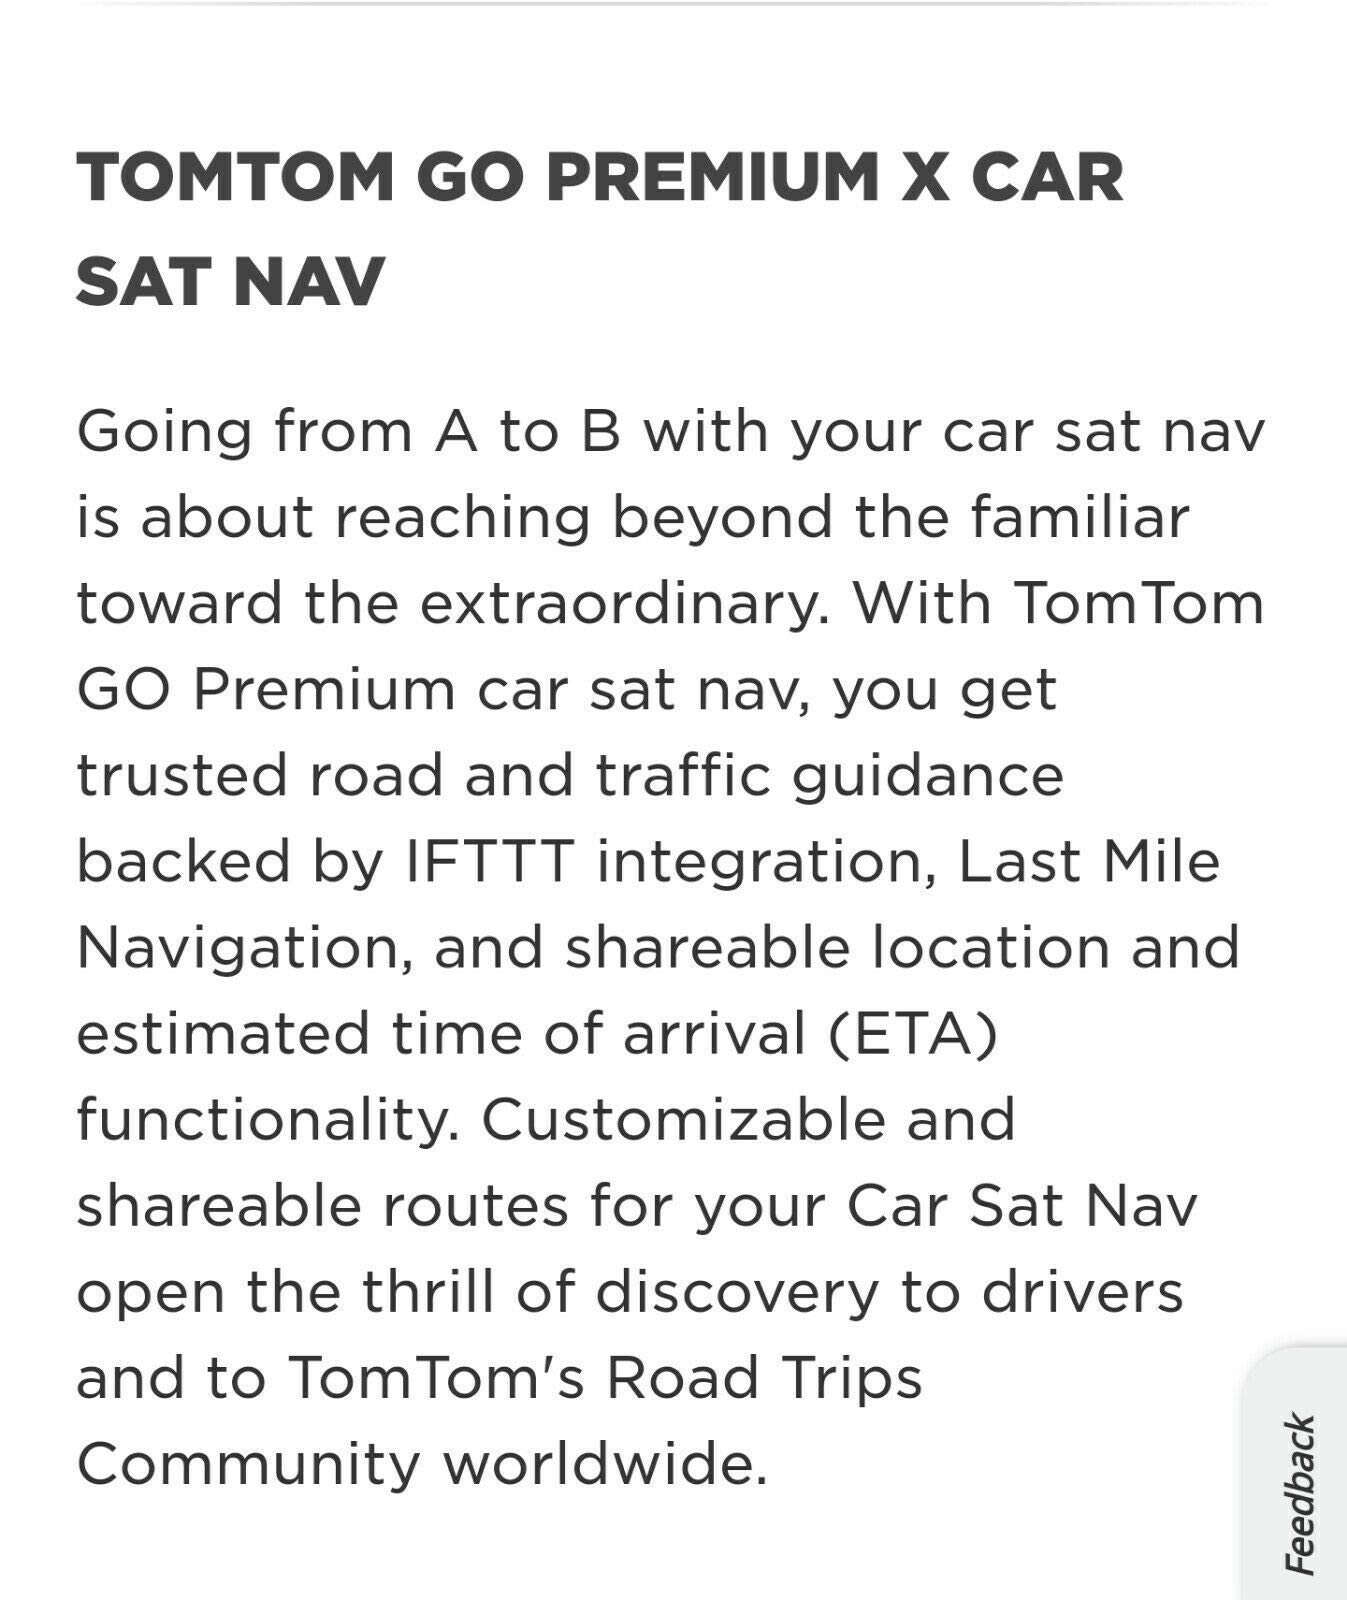 TomTom-GO-Premium-X